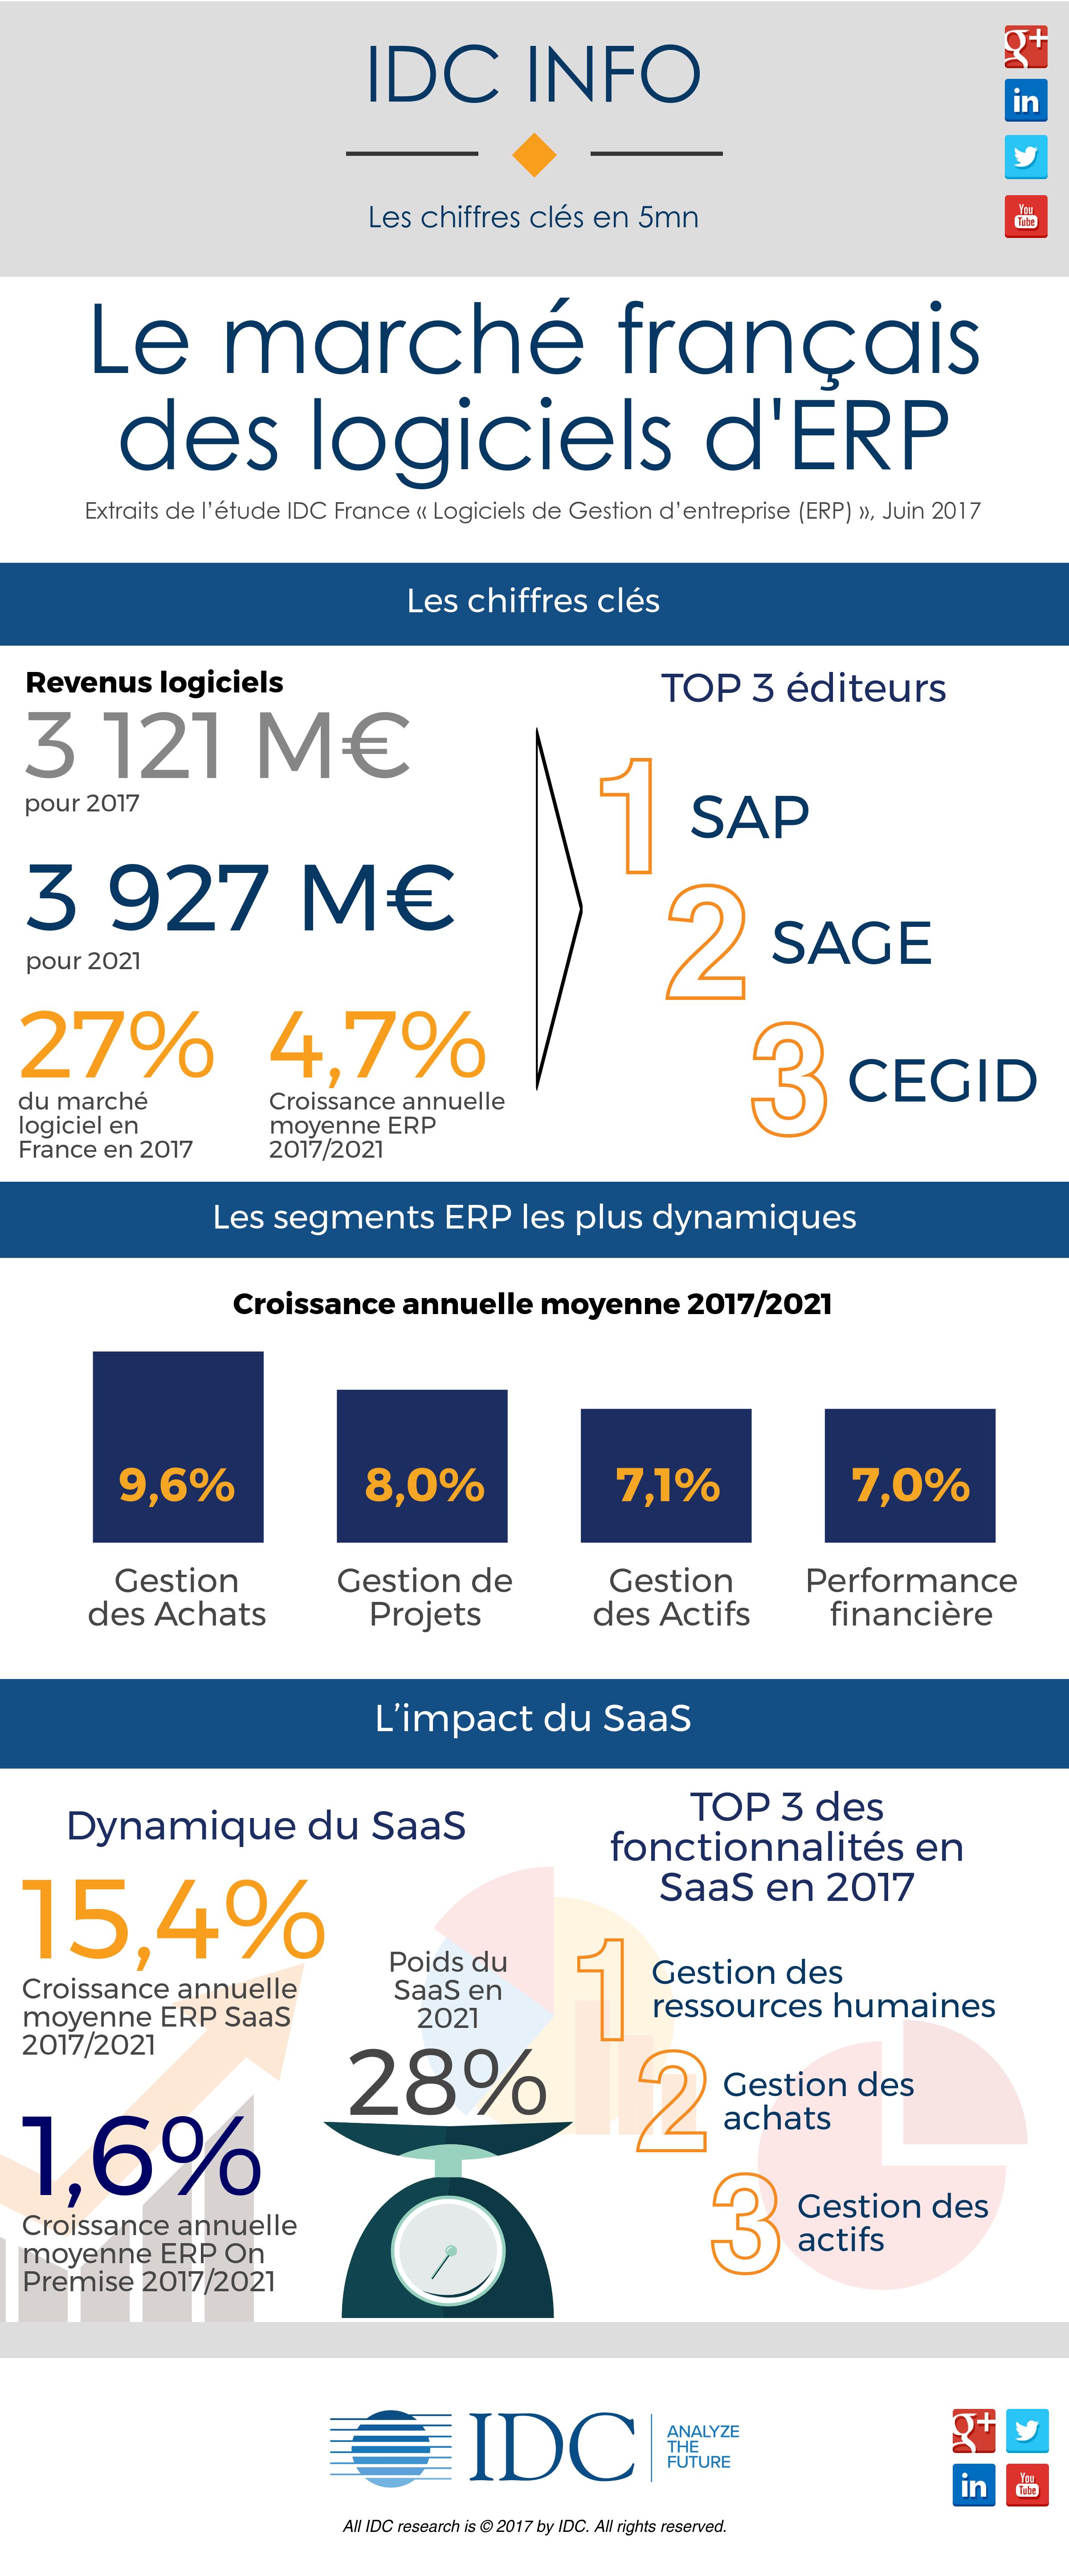 Le marché français des logiciels d'ERP